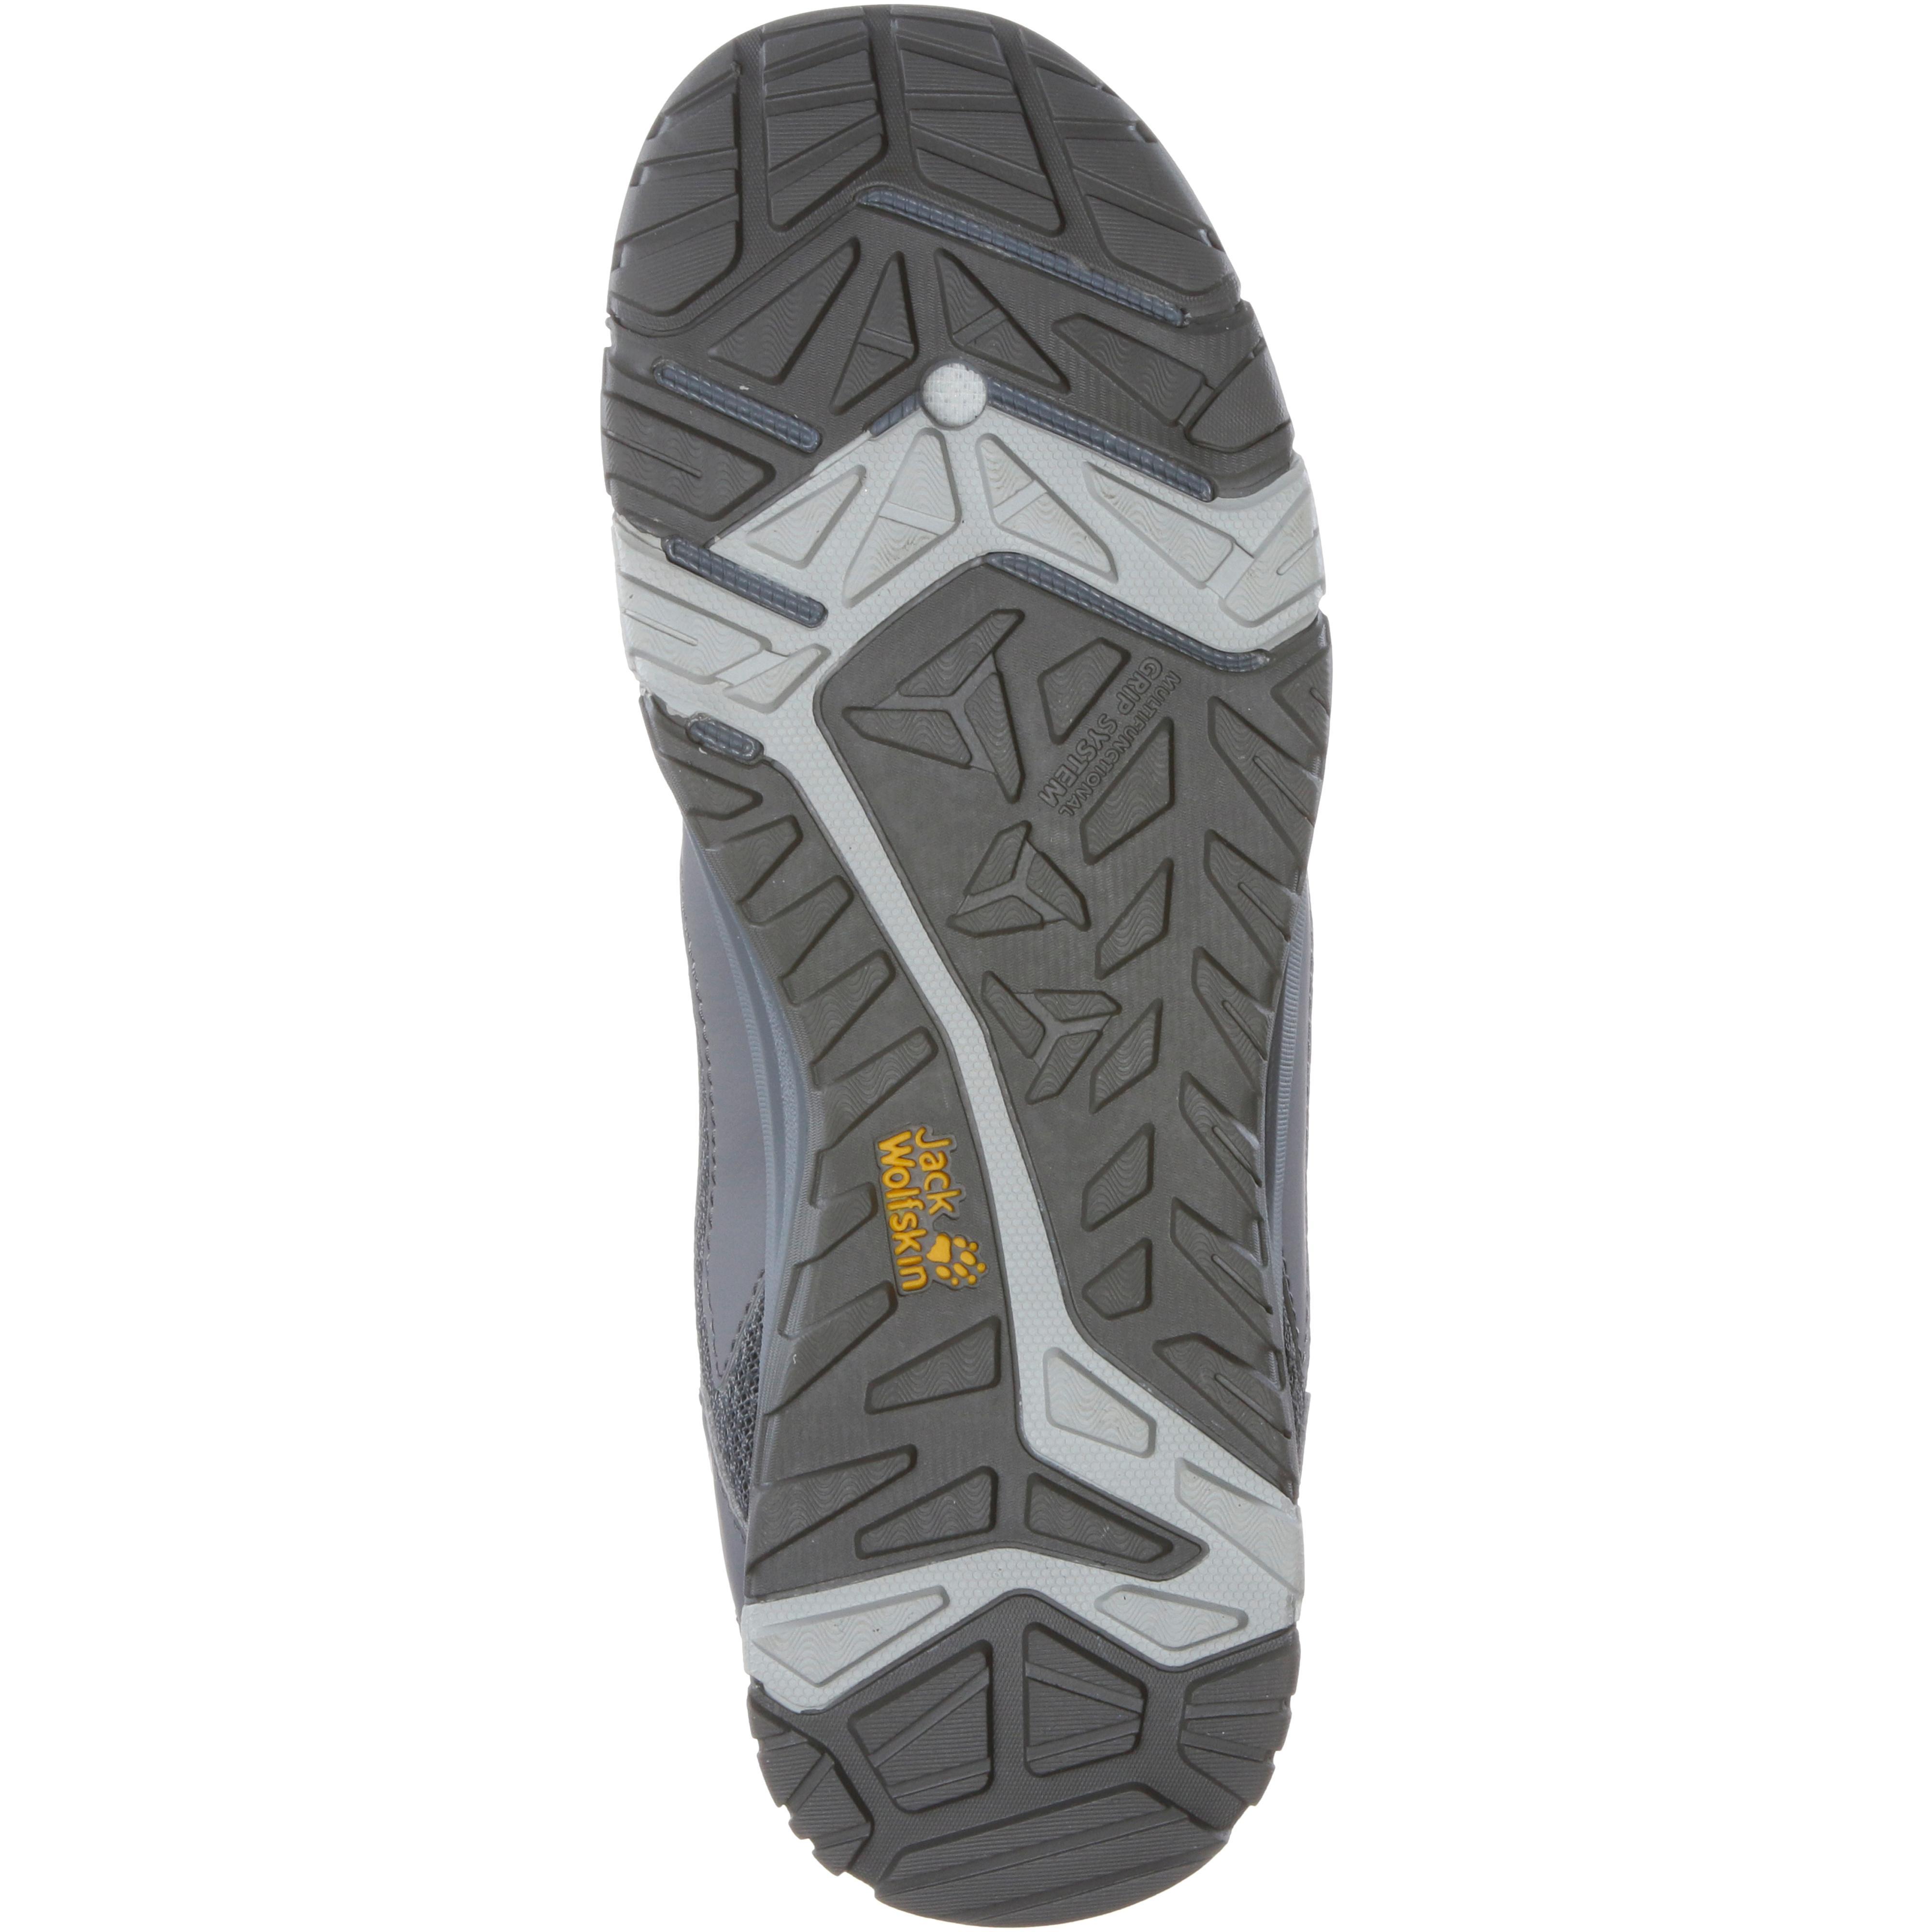 Jack Wolfskin Activate Activate Activate Low Multifunktionsschuhe Damen tarmac grau im Online Shop von SportScheck kaufen Gute Qualität beliebte Schuhe a56a72